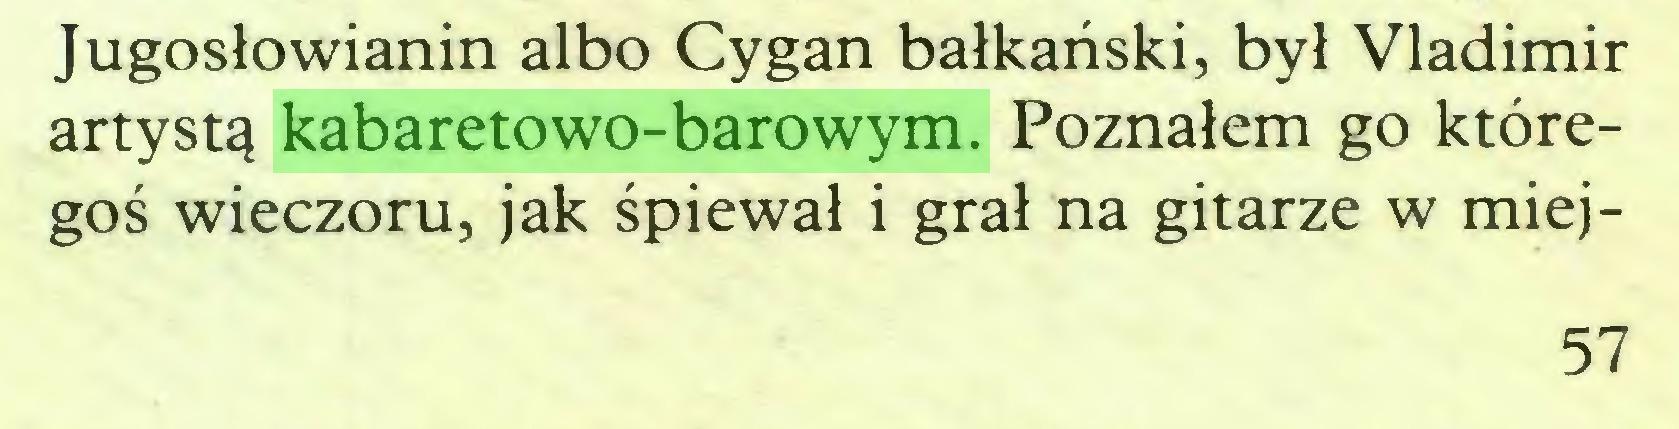 (...) Jugosłowianin albo Cygan bałkański, był Vladimir artystą kabaretowo-barowym. Poznałem go któregoś wieczoru, jak śpiewał i grał na gitarze w miej57...